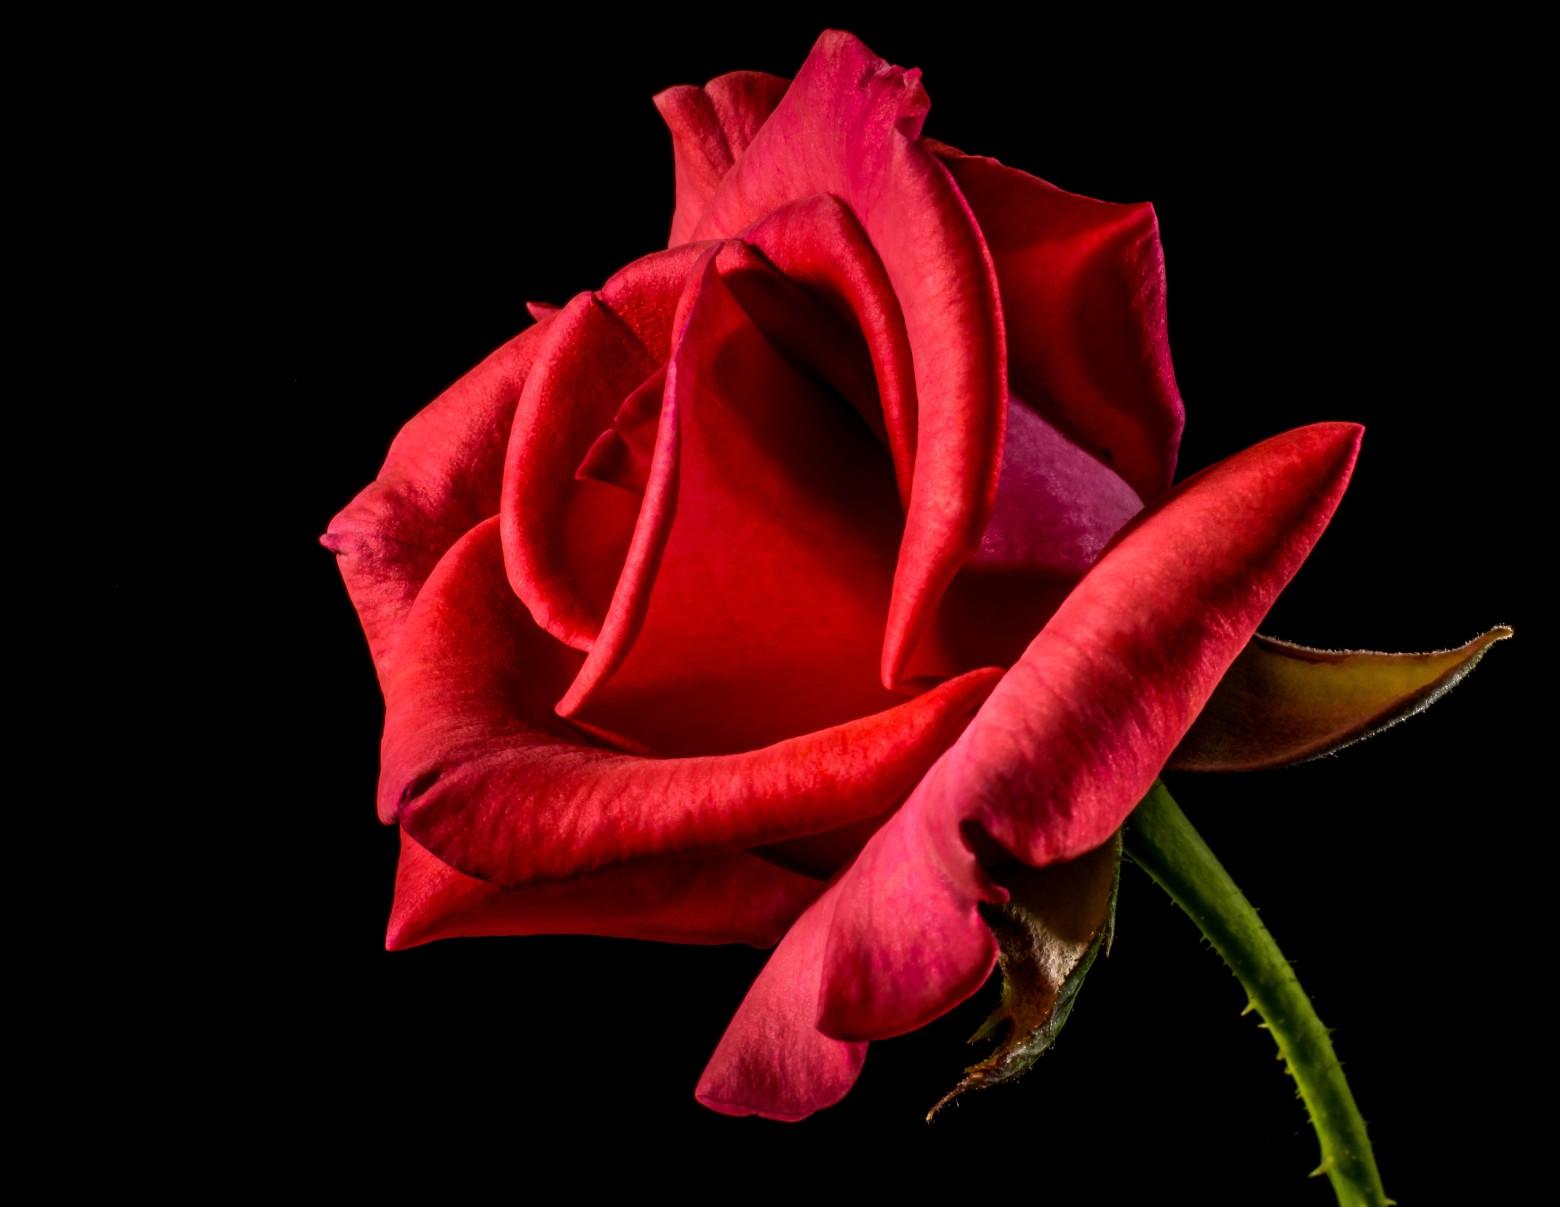 fleurs rose rouge isolé sur fond noir images photos hd gratuites